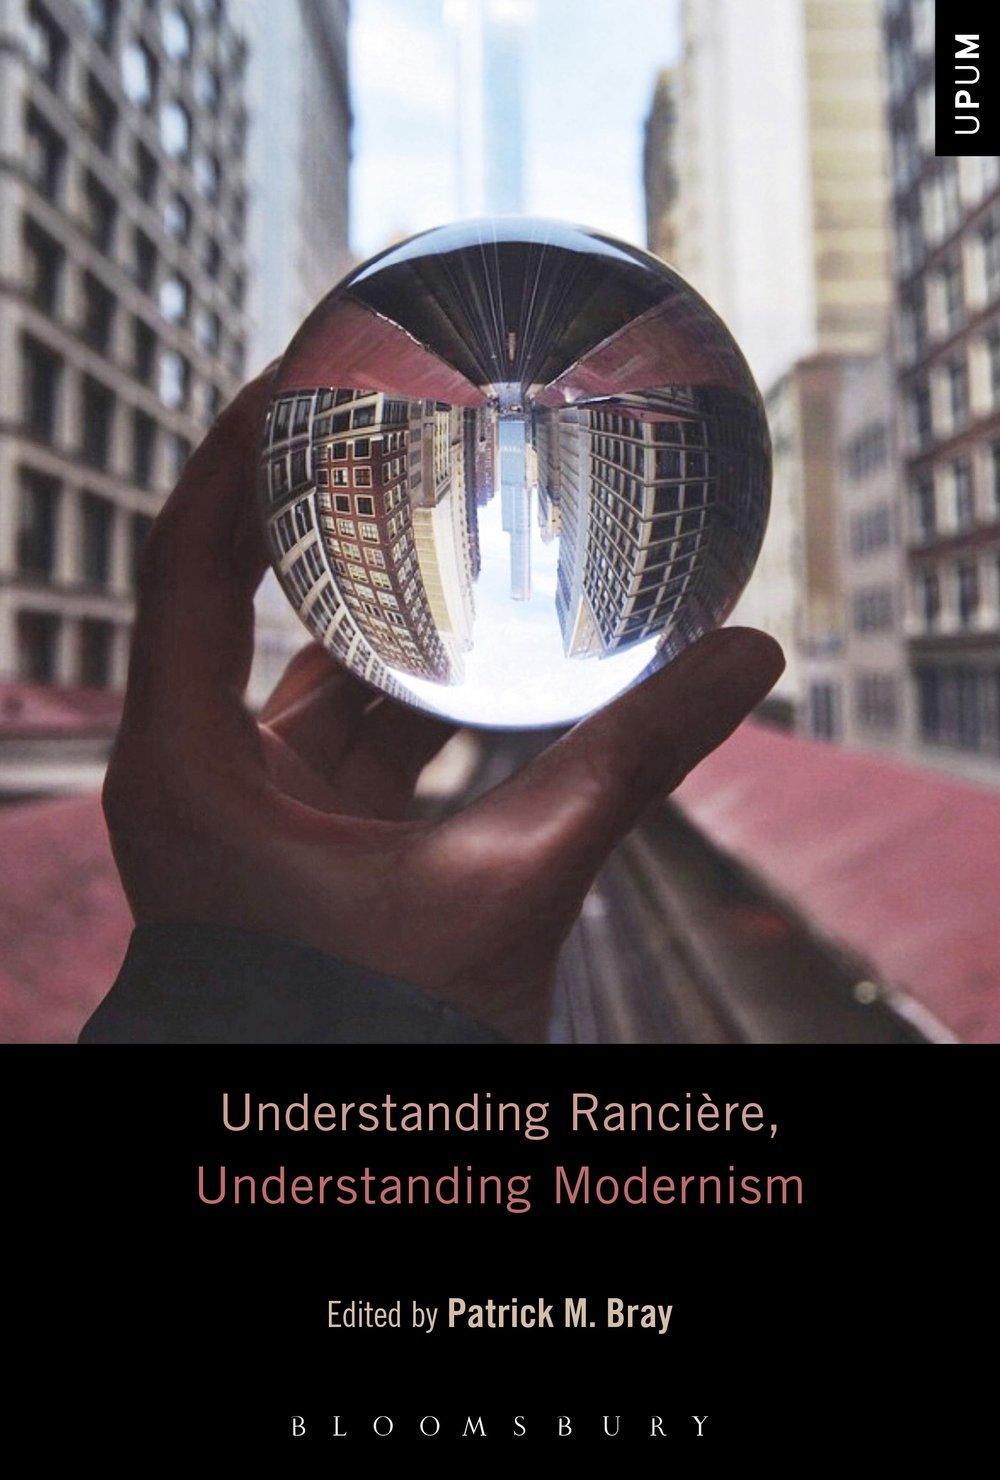 Understanding Ranciere 9781501311383.jpg